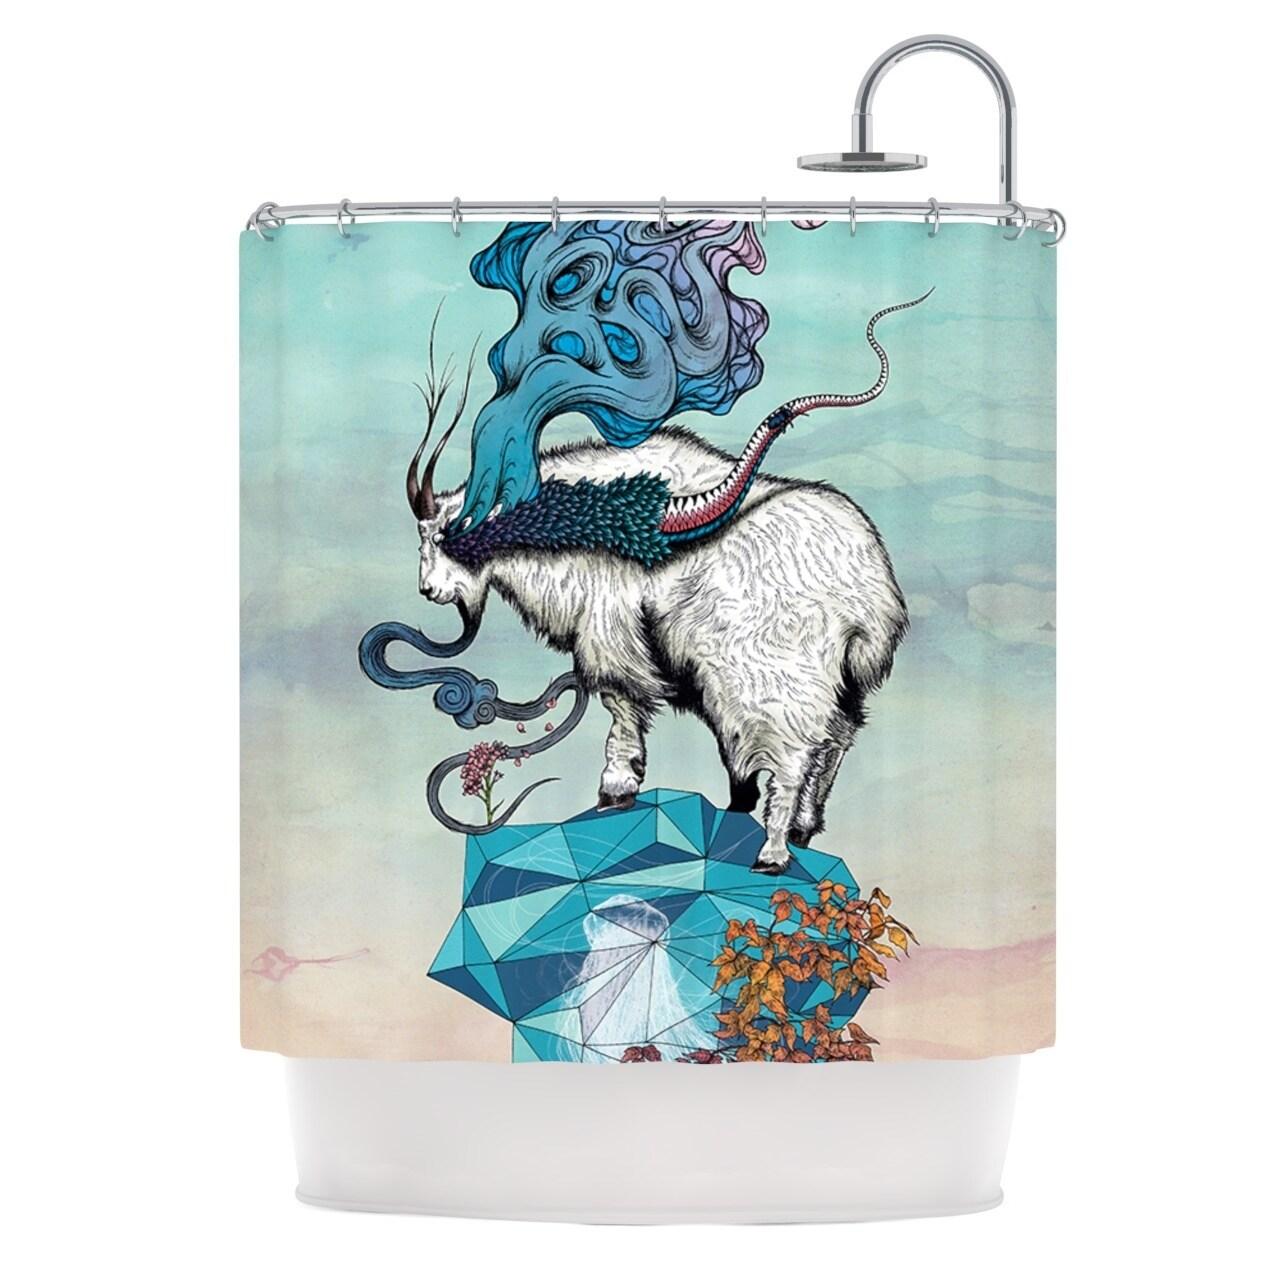 Shop KESS InHouse Mat Miller Seeking New Heights Blue Goat Shower Curtain 69x70